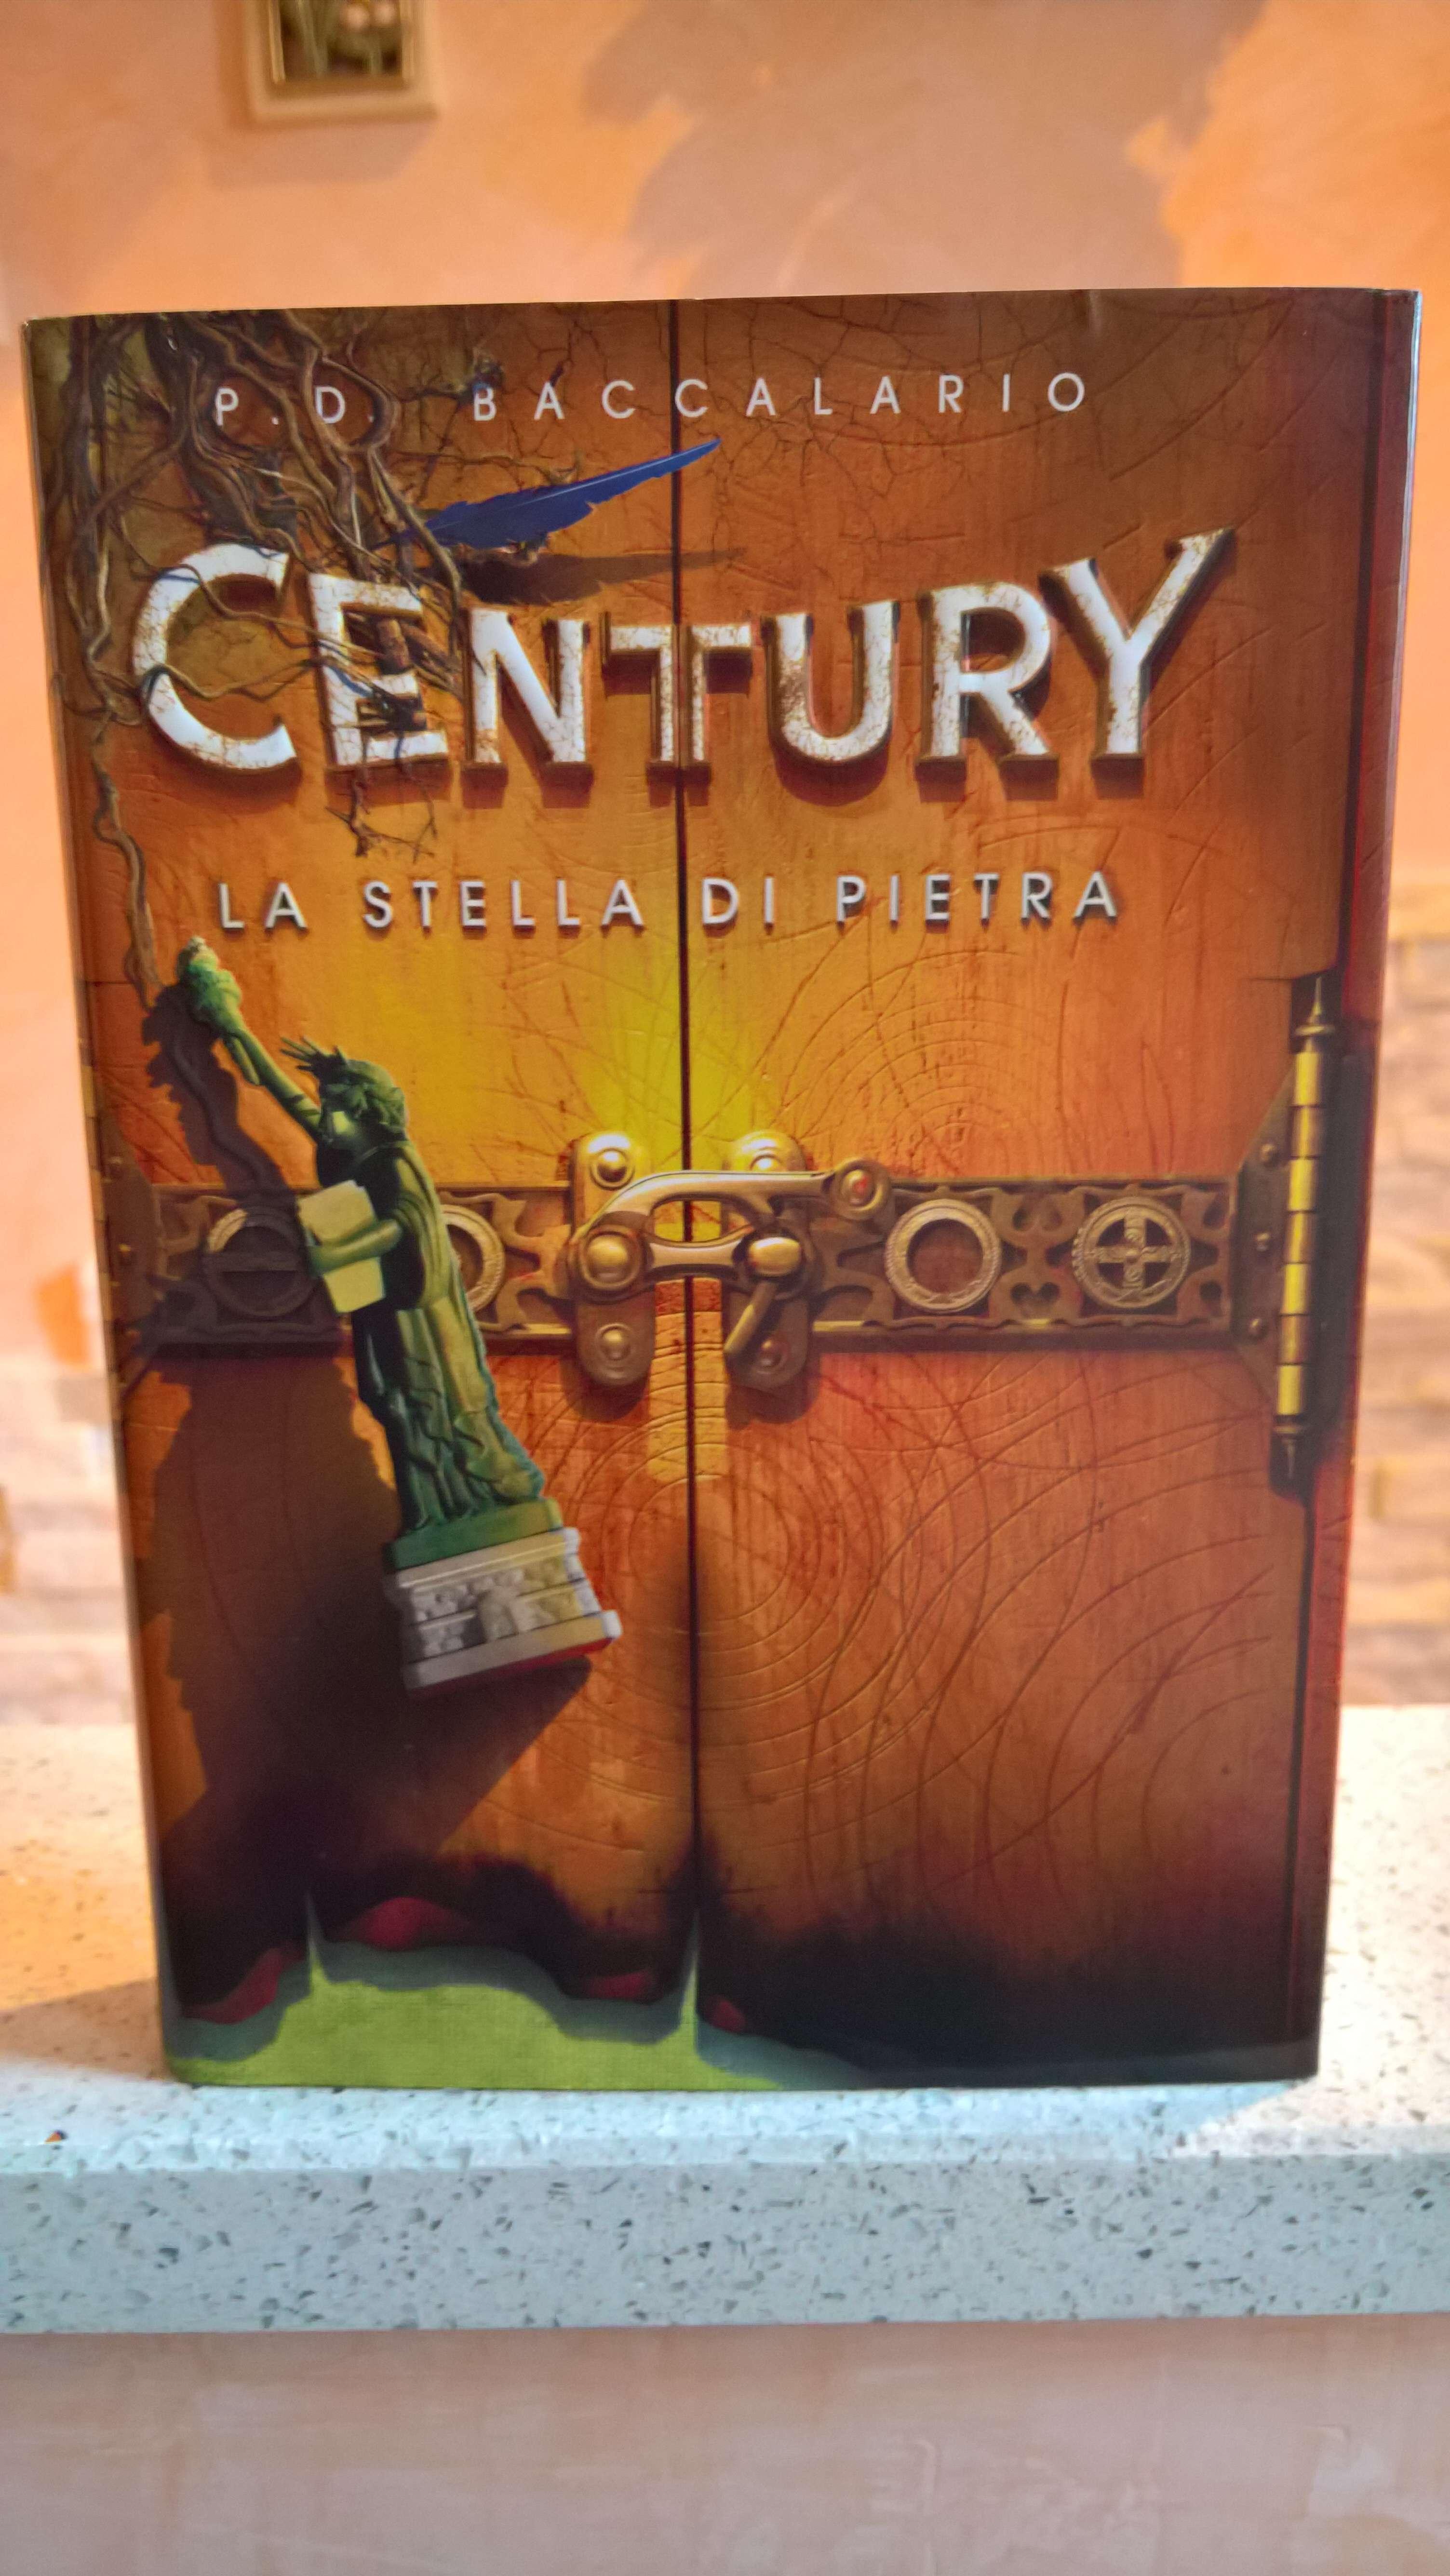 *CENTURY -La stella di pietra *